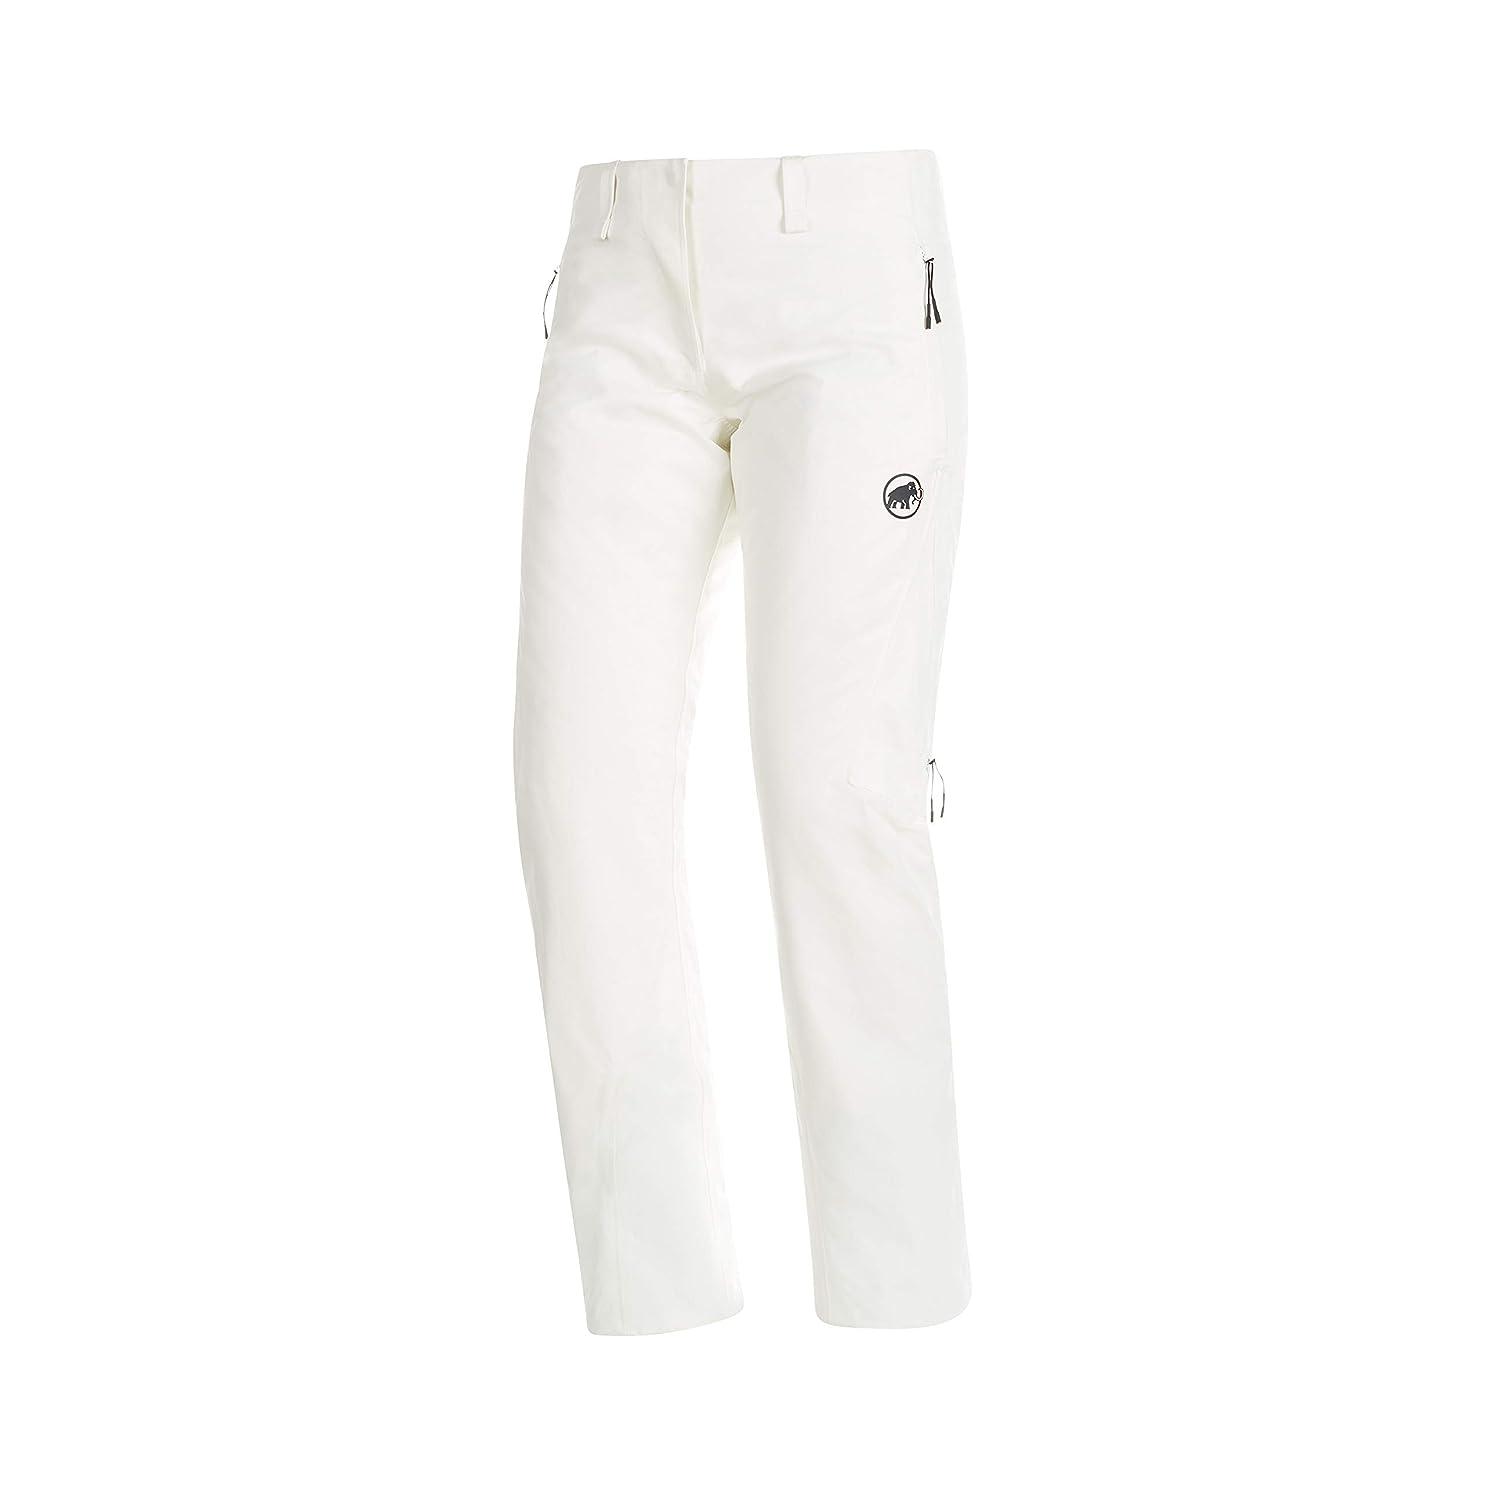 キャベツスムーズにキャリッジMammut Scalottas HS Thermo Women's Pants bright white 23-46 Short